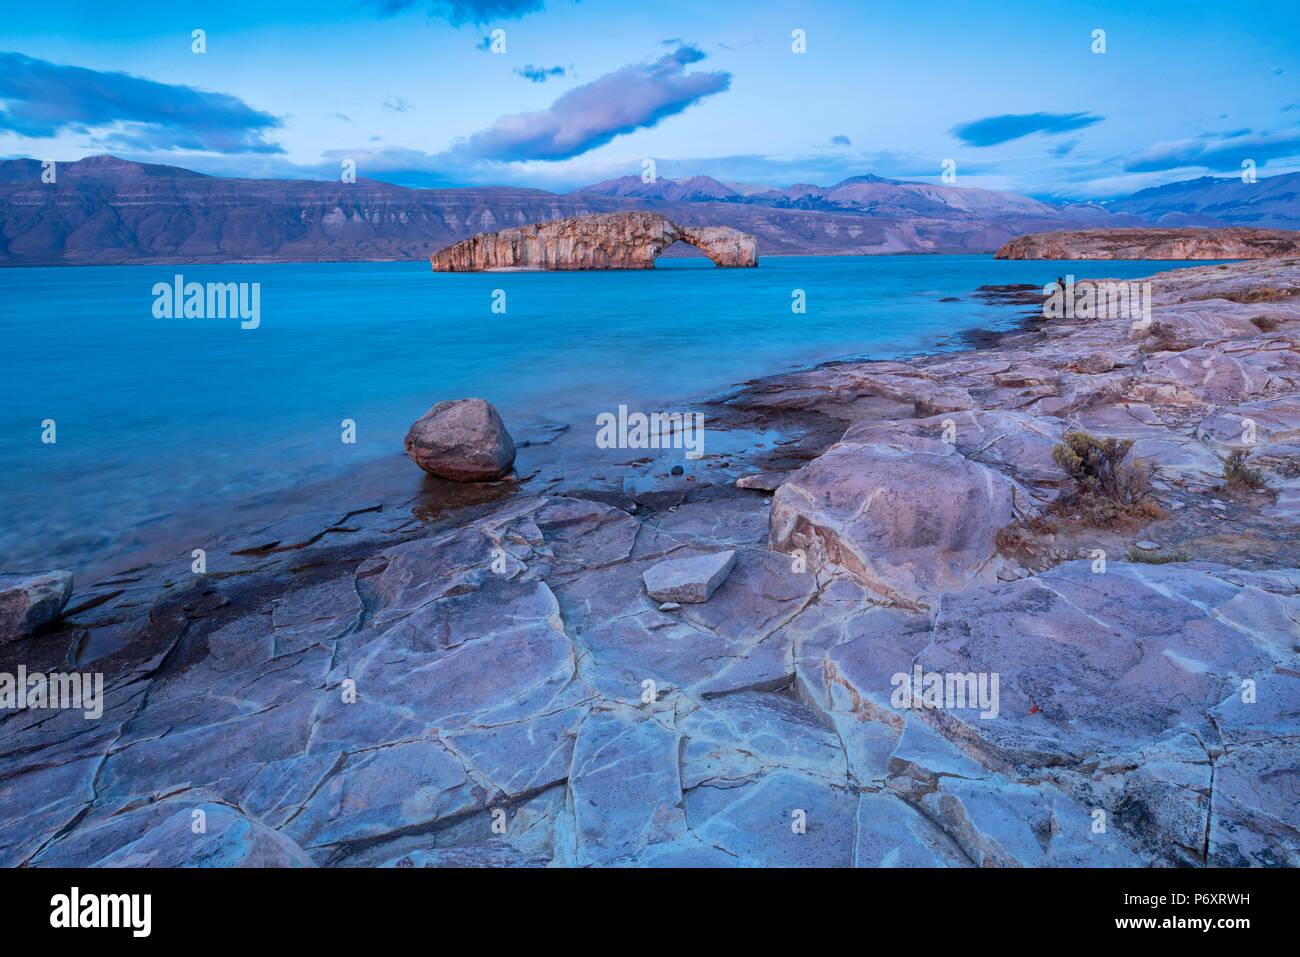 Sud America, Argentina, Santa Cruz, Patagonia, Lago Posadas Immagini Stock